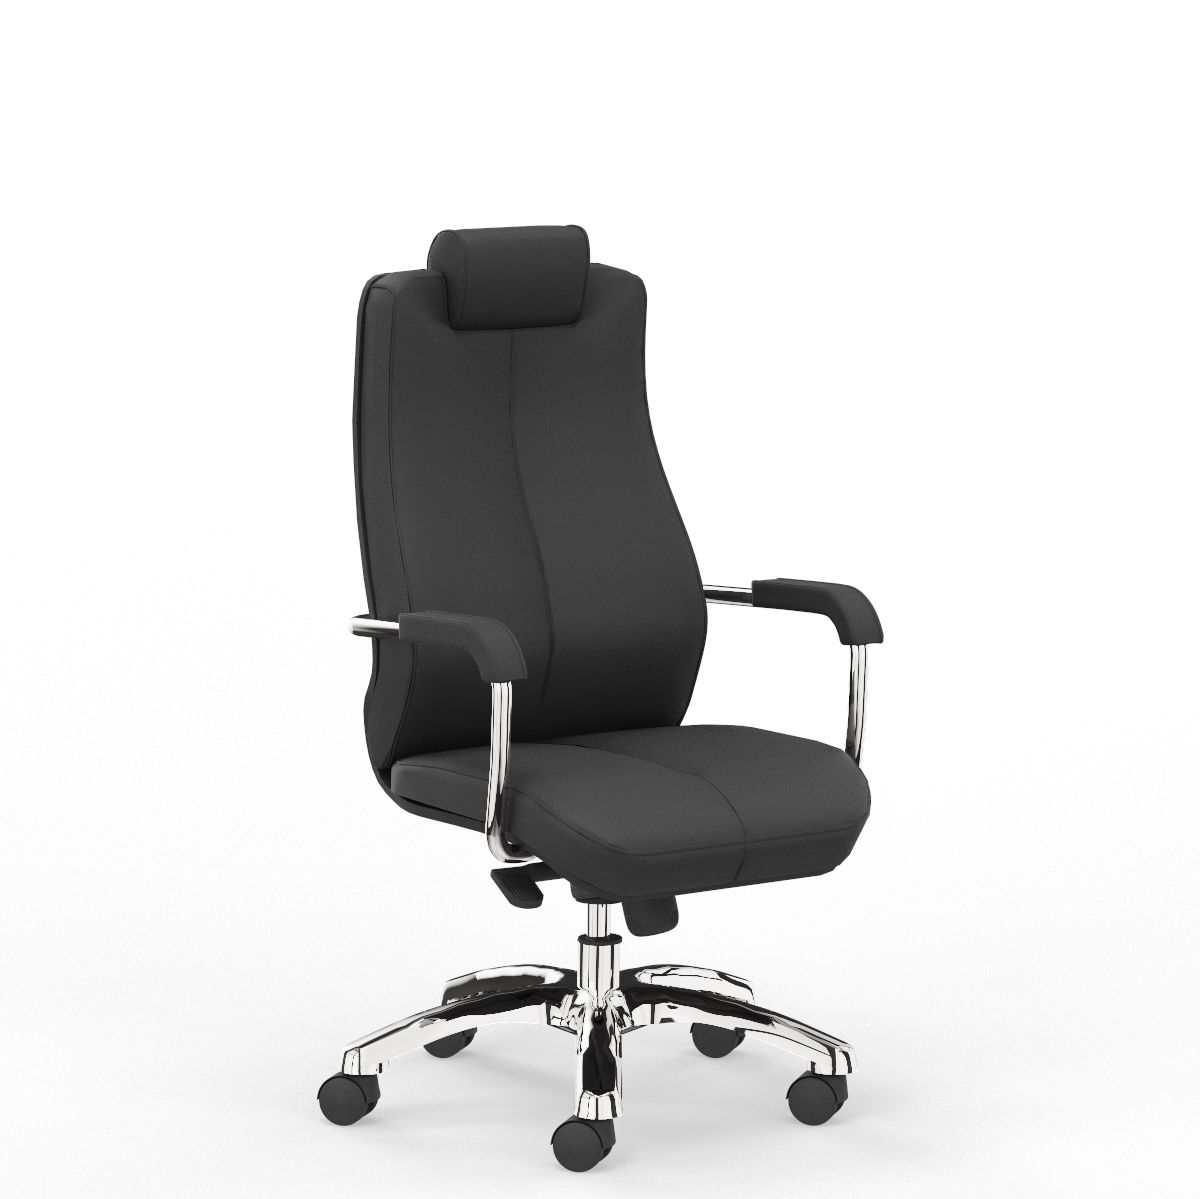 Fotel Biurowy Nowy Styl SONATA-24/7 HRU MPD 165/78